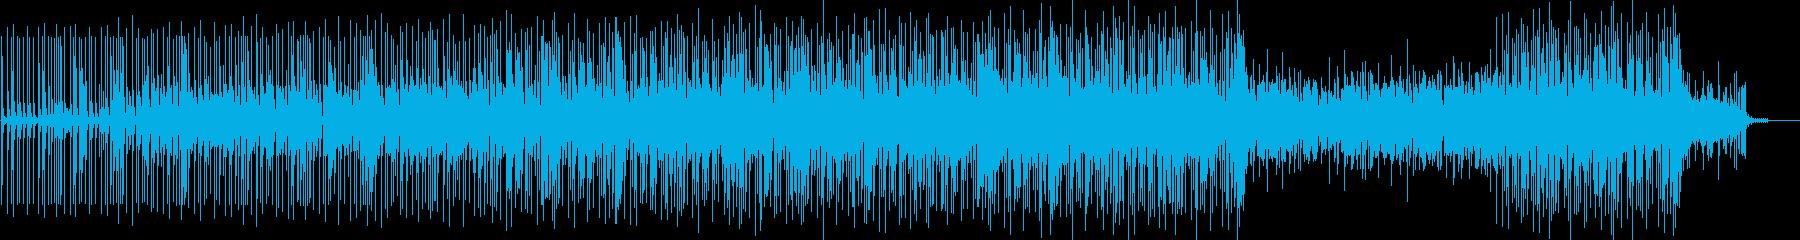 ミニマルでドライブ感あるギターインスト の再生済みの波形